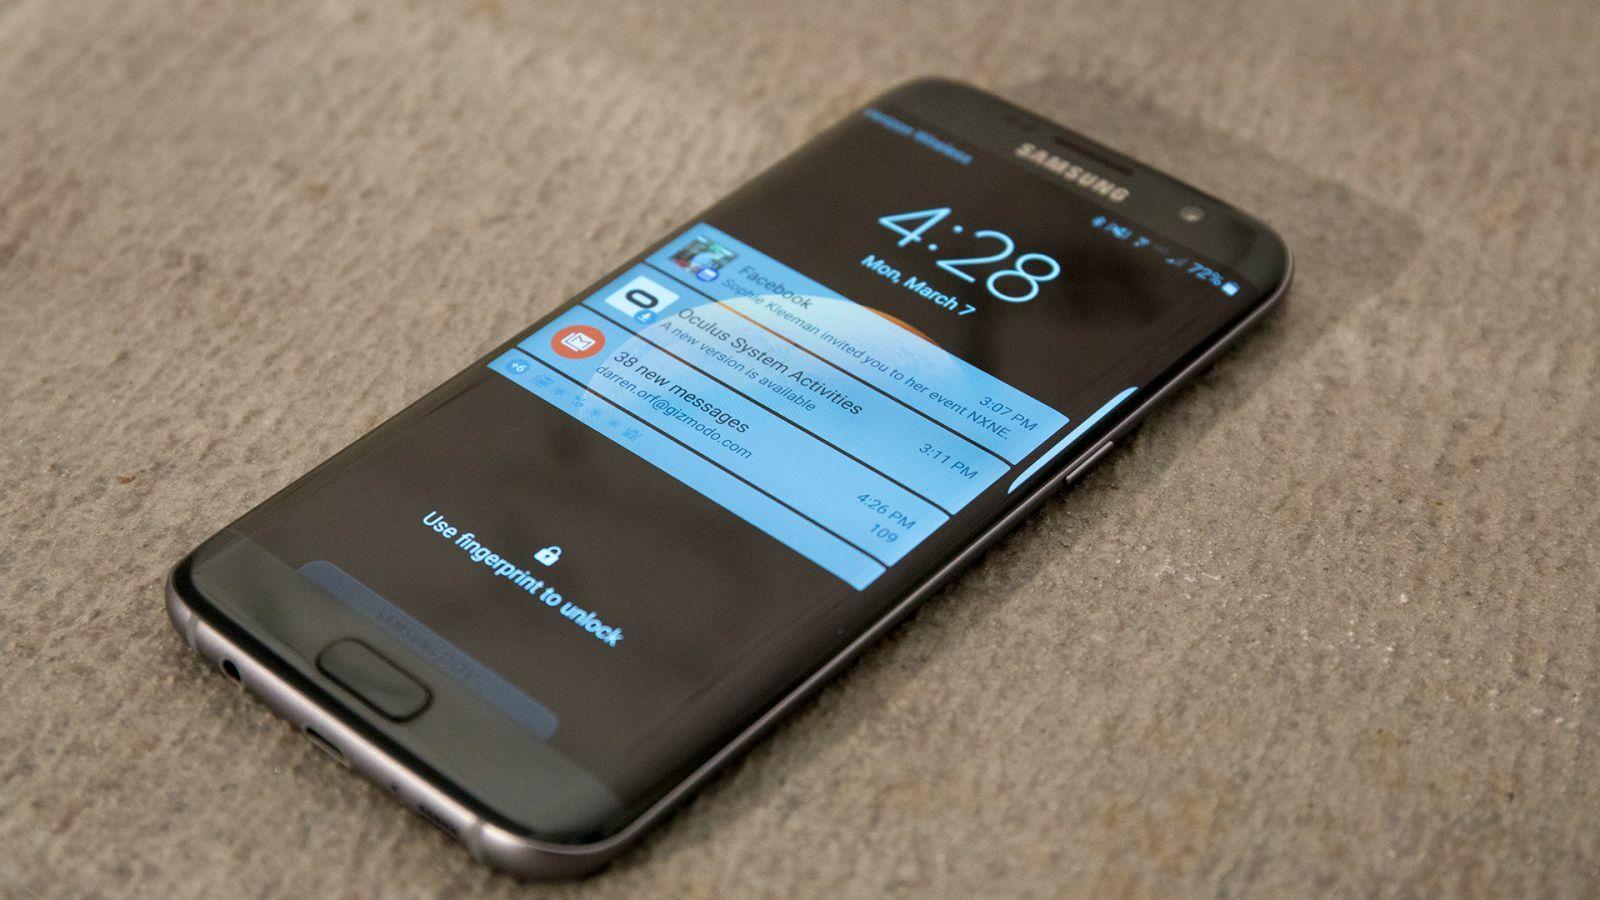 Meski Keren dan Canggih, 8 Inovasi Unik Smartphone Ini Gagal Sukses di Pasaran